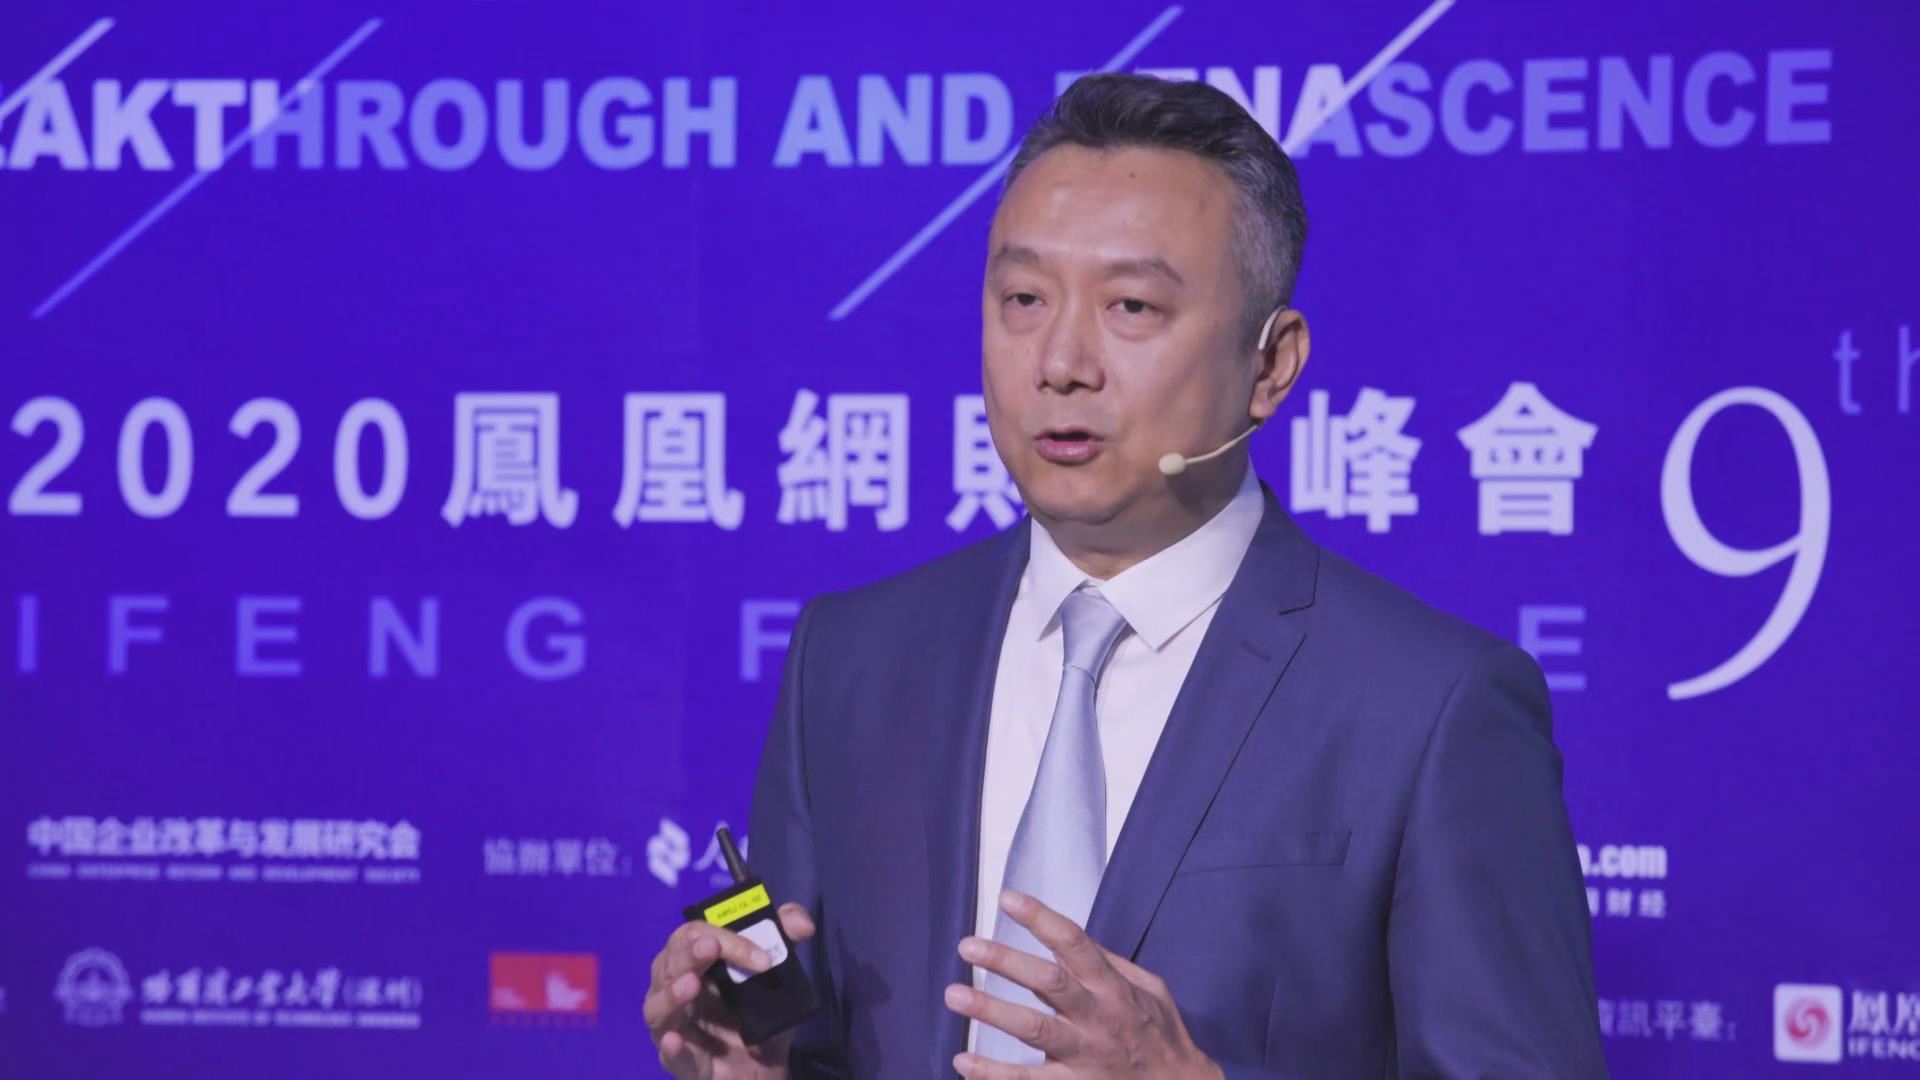 李政谈中美大健康产业:美国建立三级预防体系 中国分级诊疗刚起步